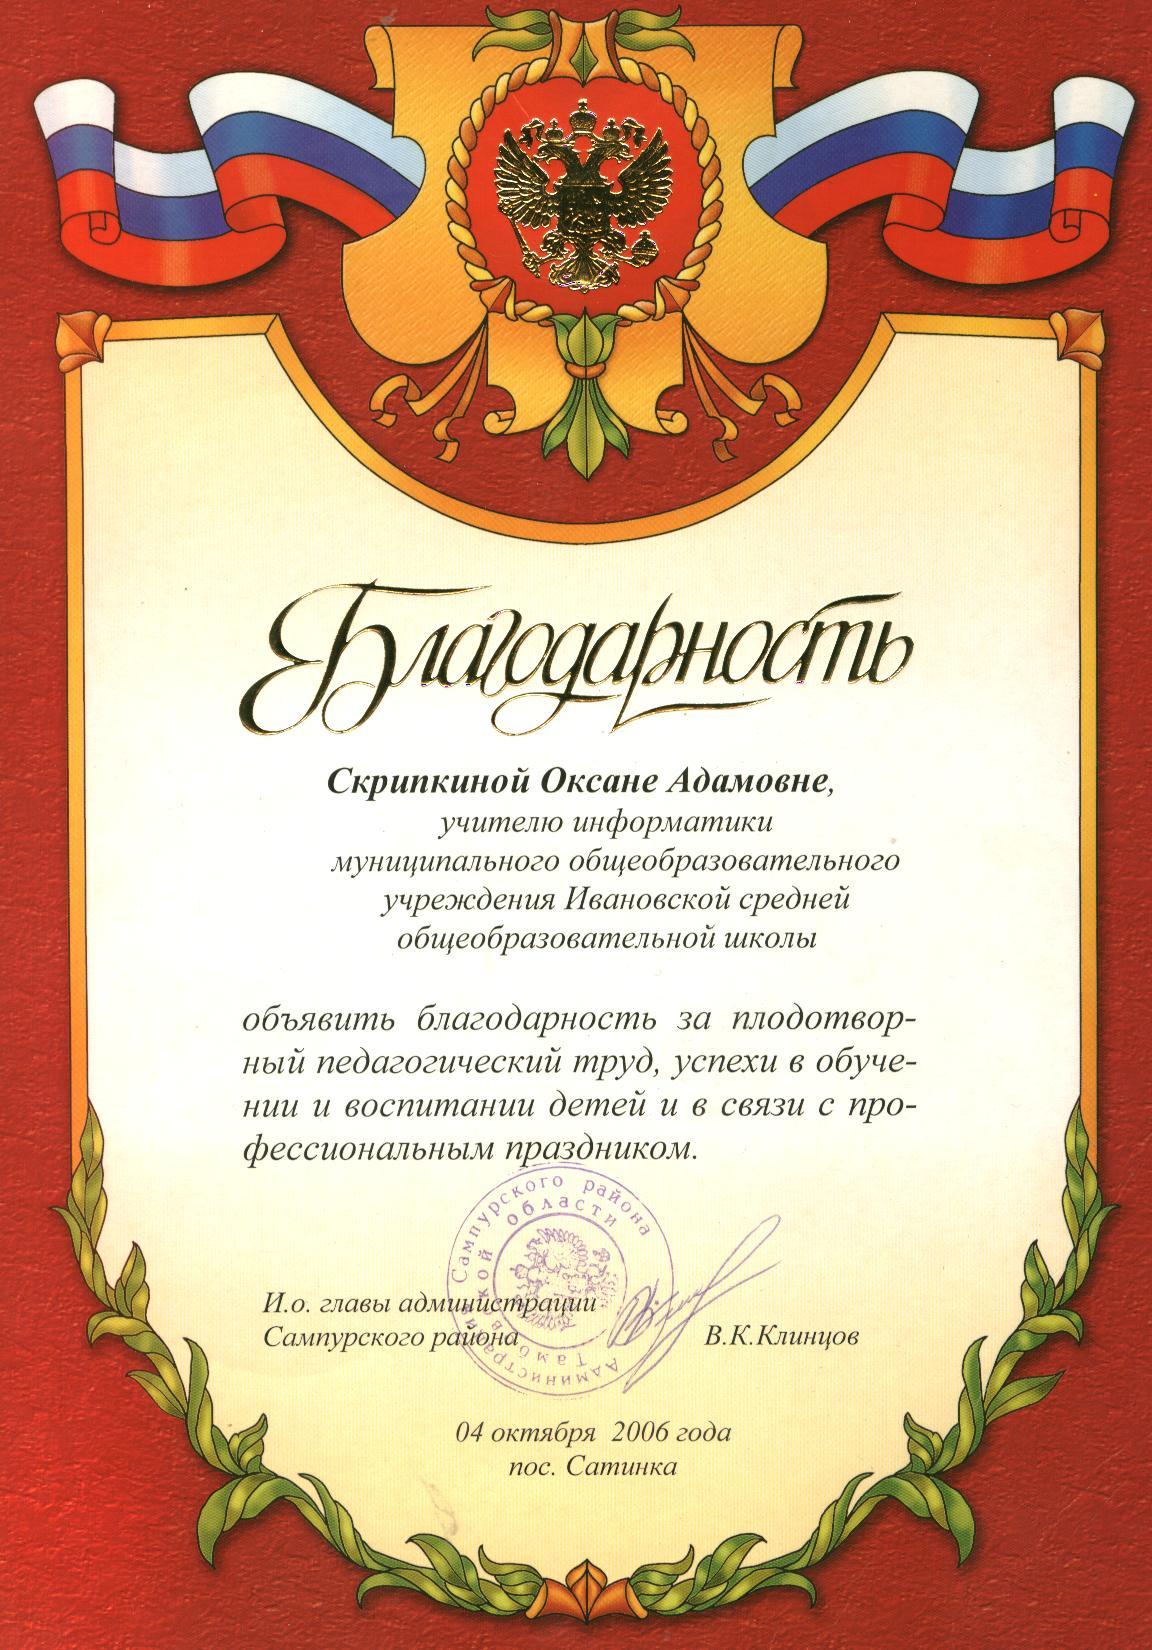 Поздравление за трудовые достижения 88